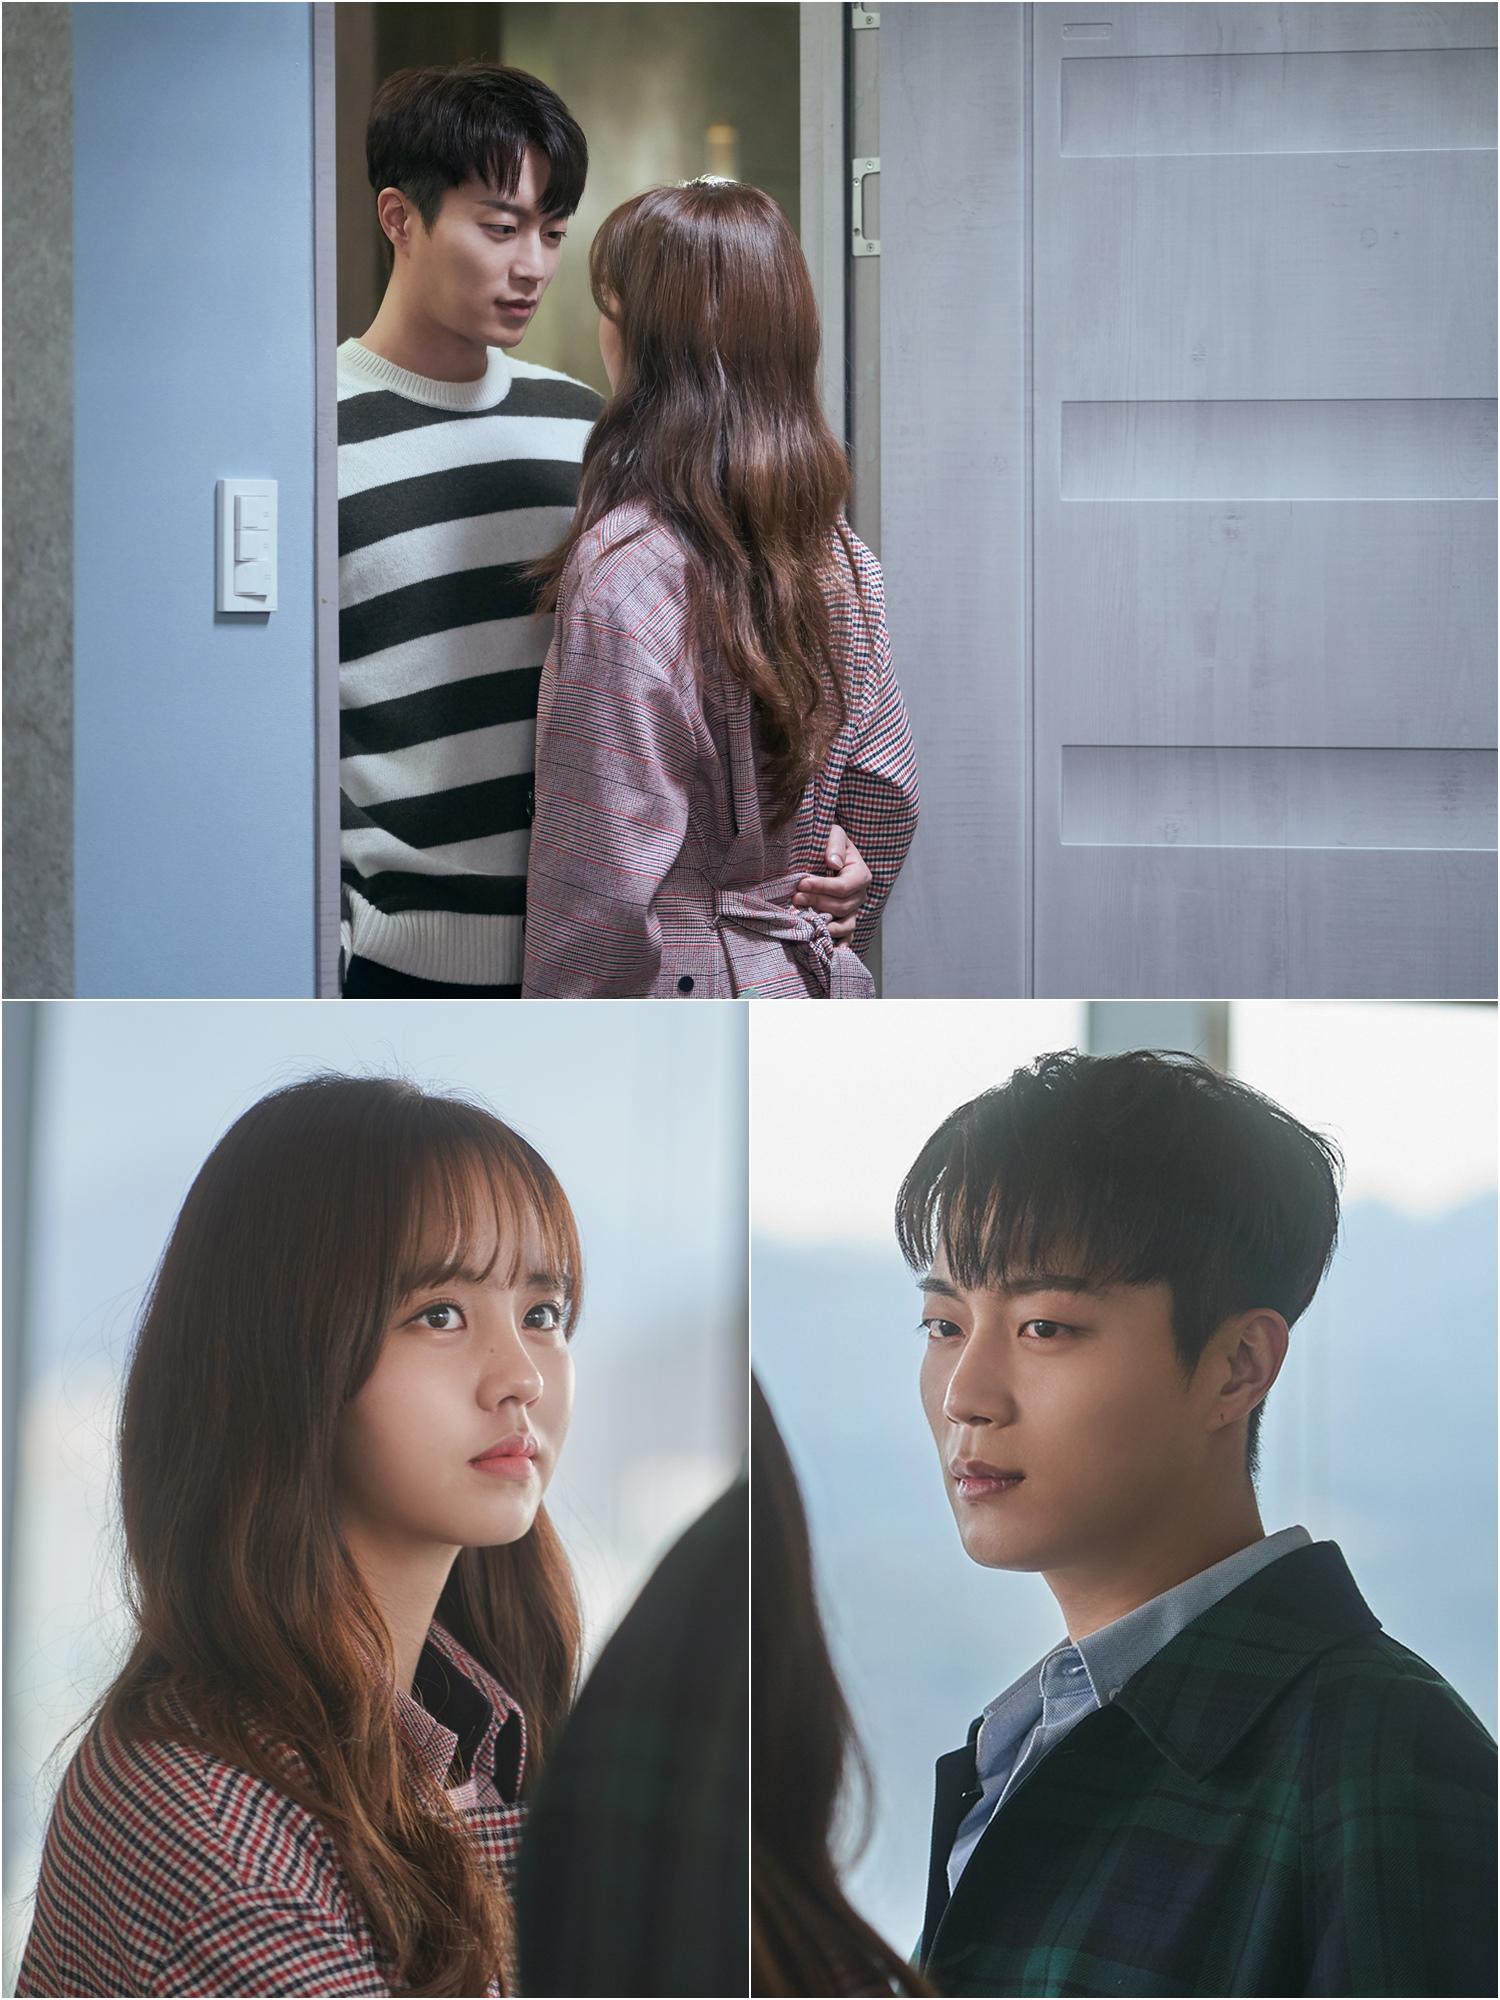 '라디오 로맨스' 열애설 휩싸인 윤두준♥김소현, 두 손 맞잡고 정면돌파...직진 커플의 해결법은?